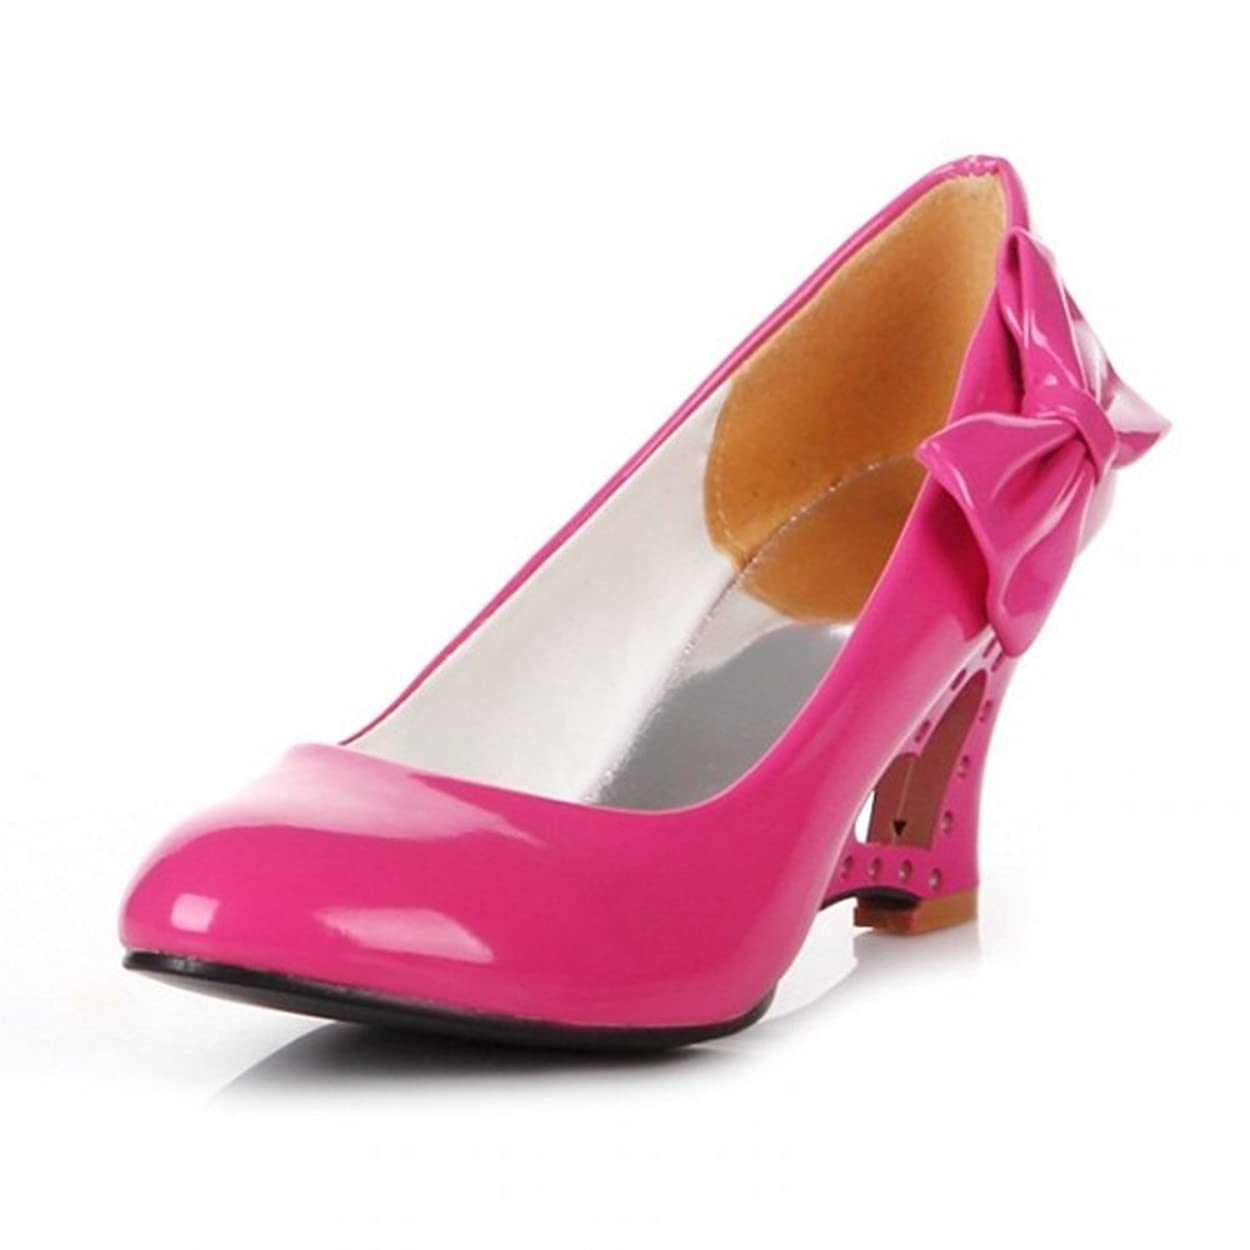 証言する価値フラフープ[Unm] ウェッジ品質厚ハイヒール 靴 レディーズ ふゆ ファッション レディ プラットフォーム かかと Female パンプス 靴